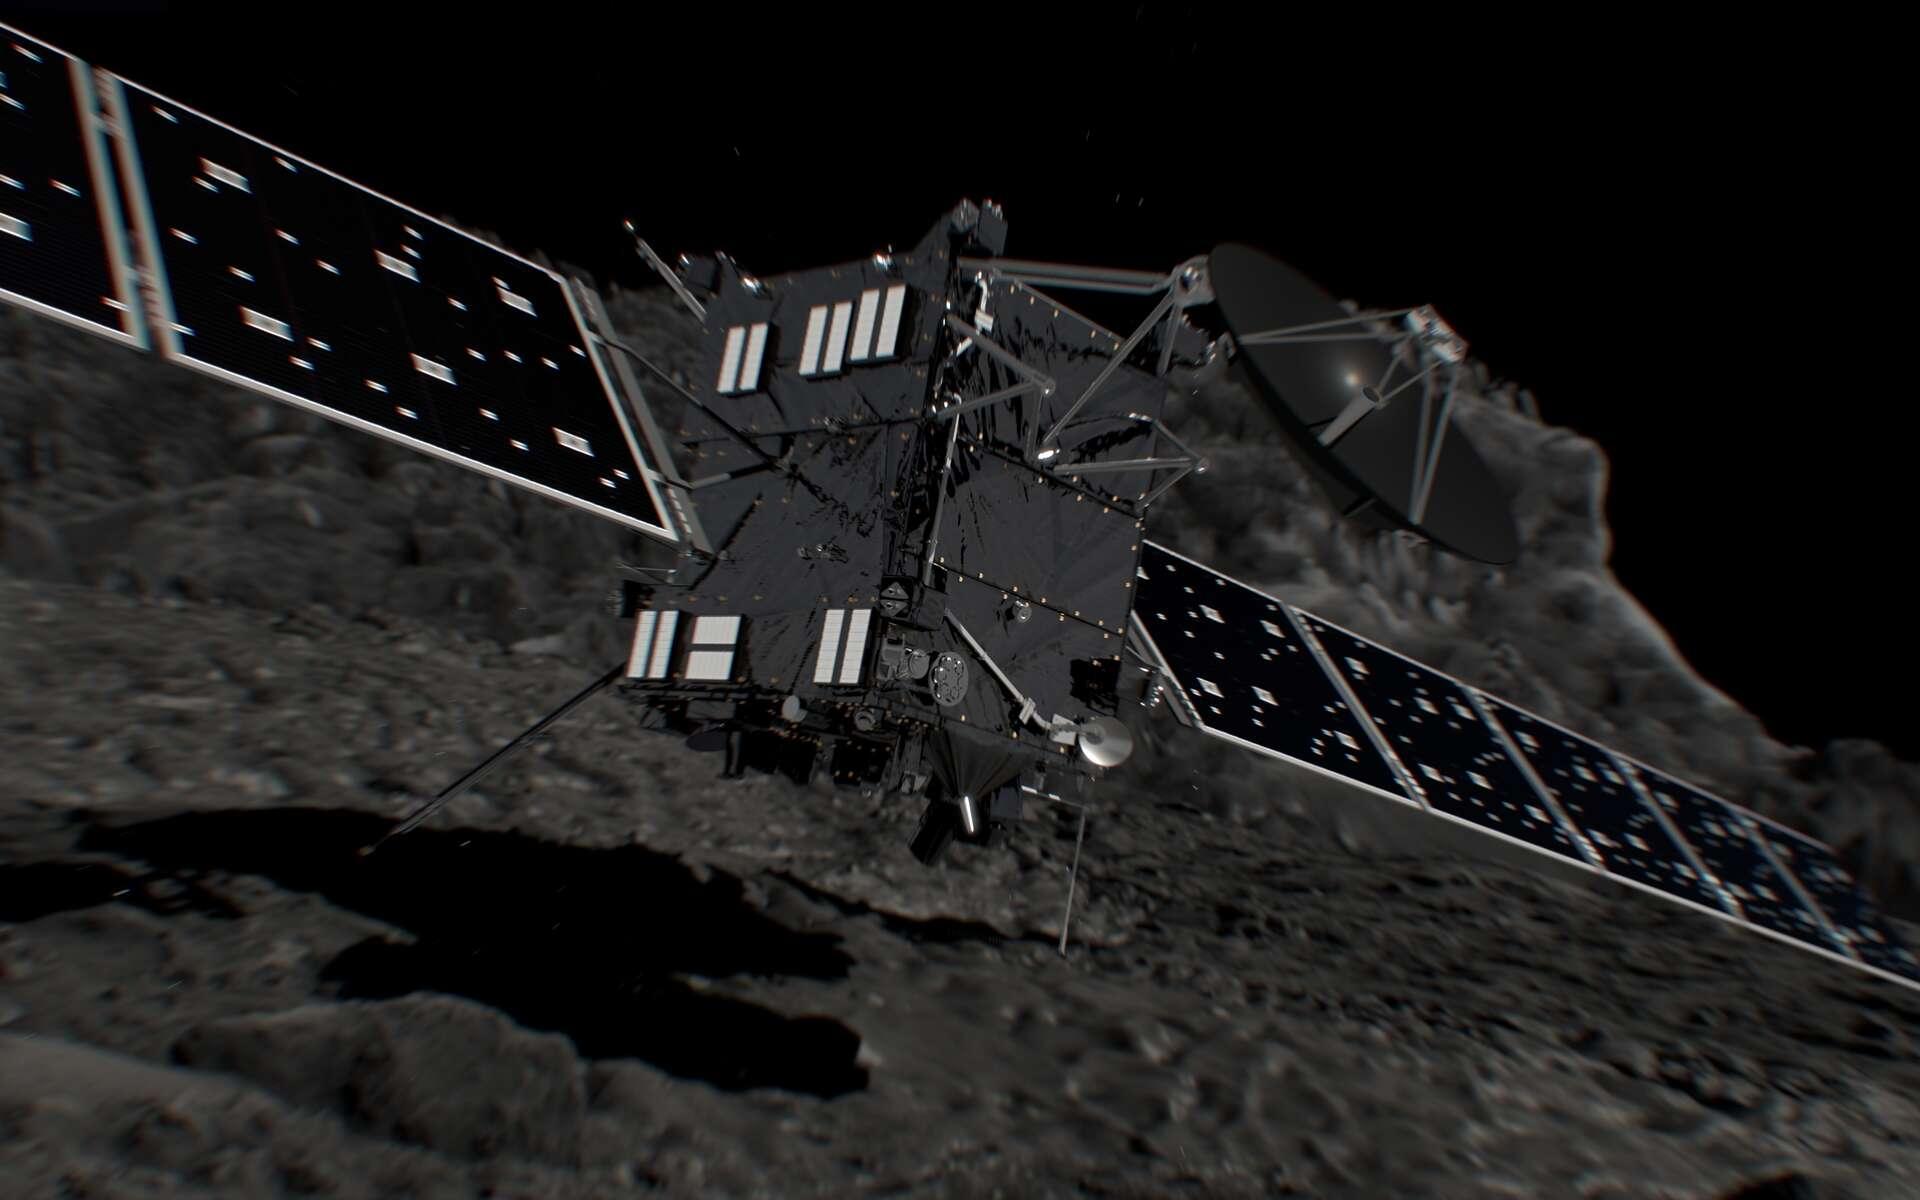 Illustration de l'atterrissage final de Rosetta sur la comète Tchouri, prévu le 30 septembre 2016 vers 13 h 20, dans la région Ma'at. © Esa, ATG medialab